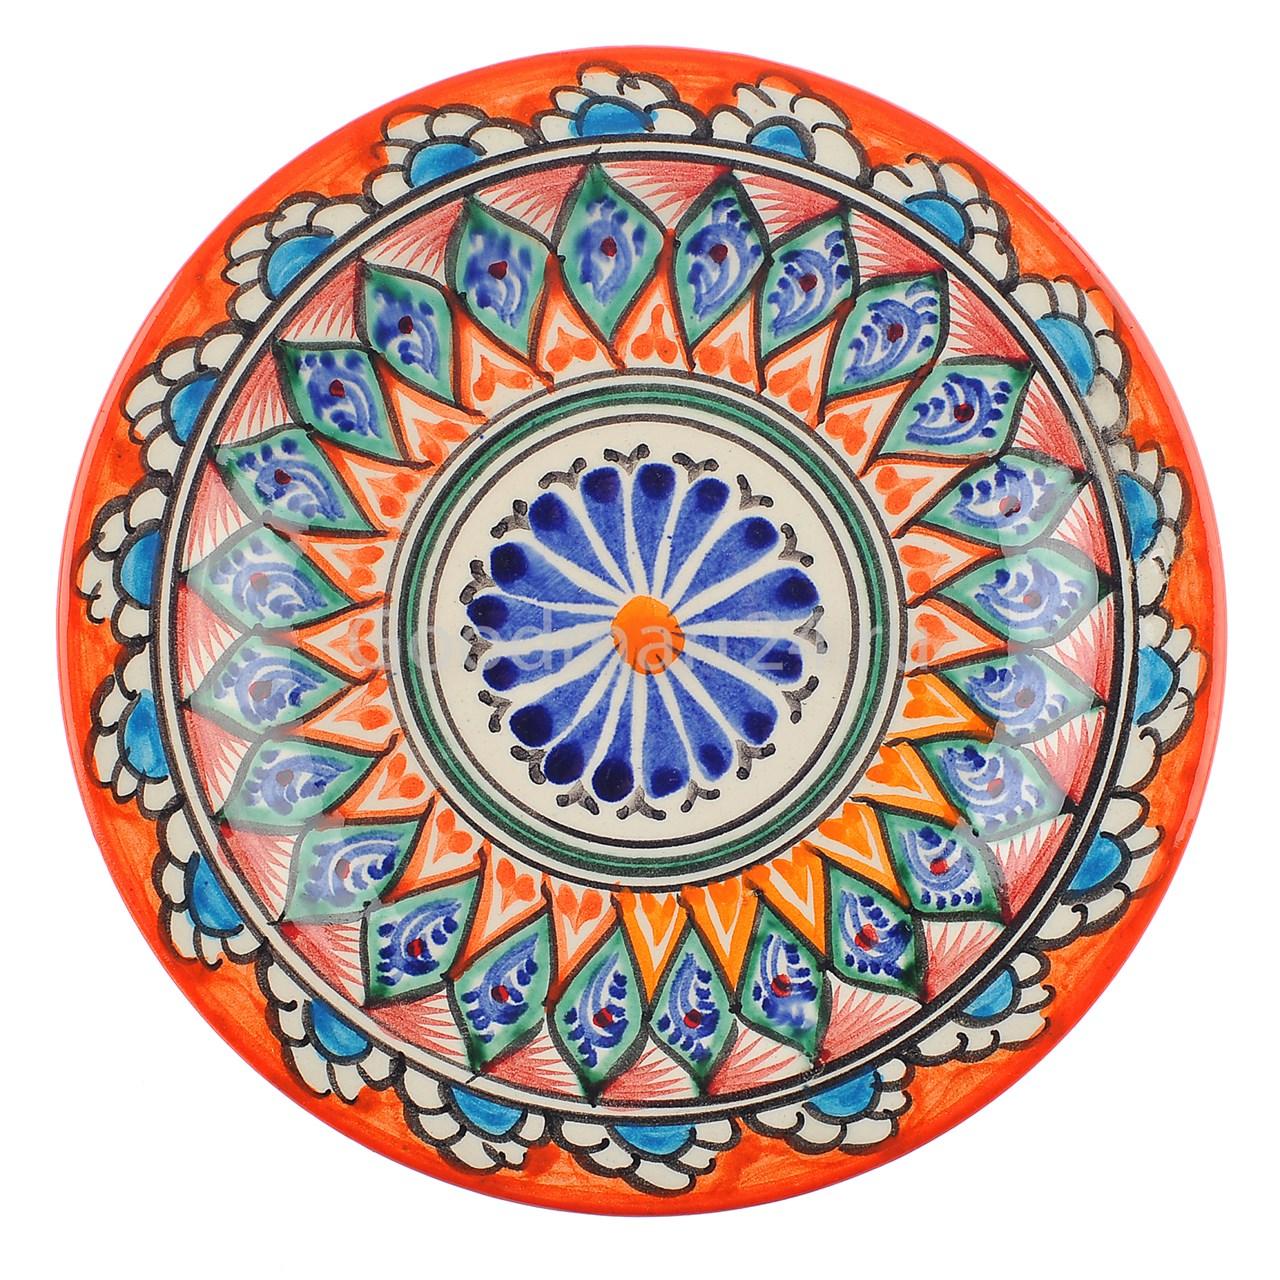 Риштанская Тарелка плоская 17 см. оранжевый Мехроб - фото 12870